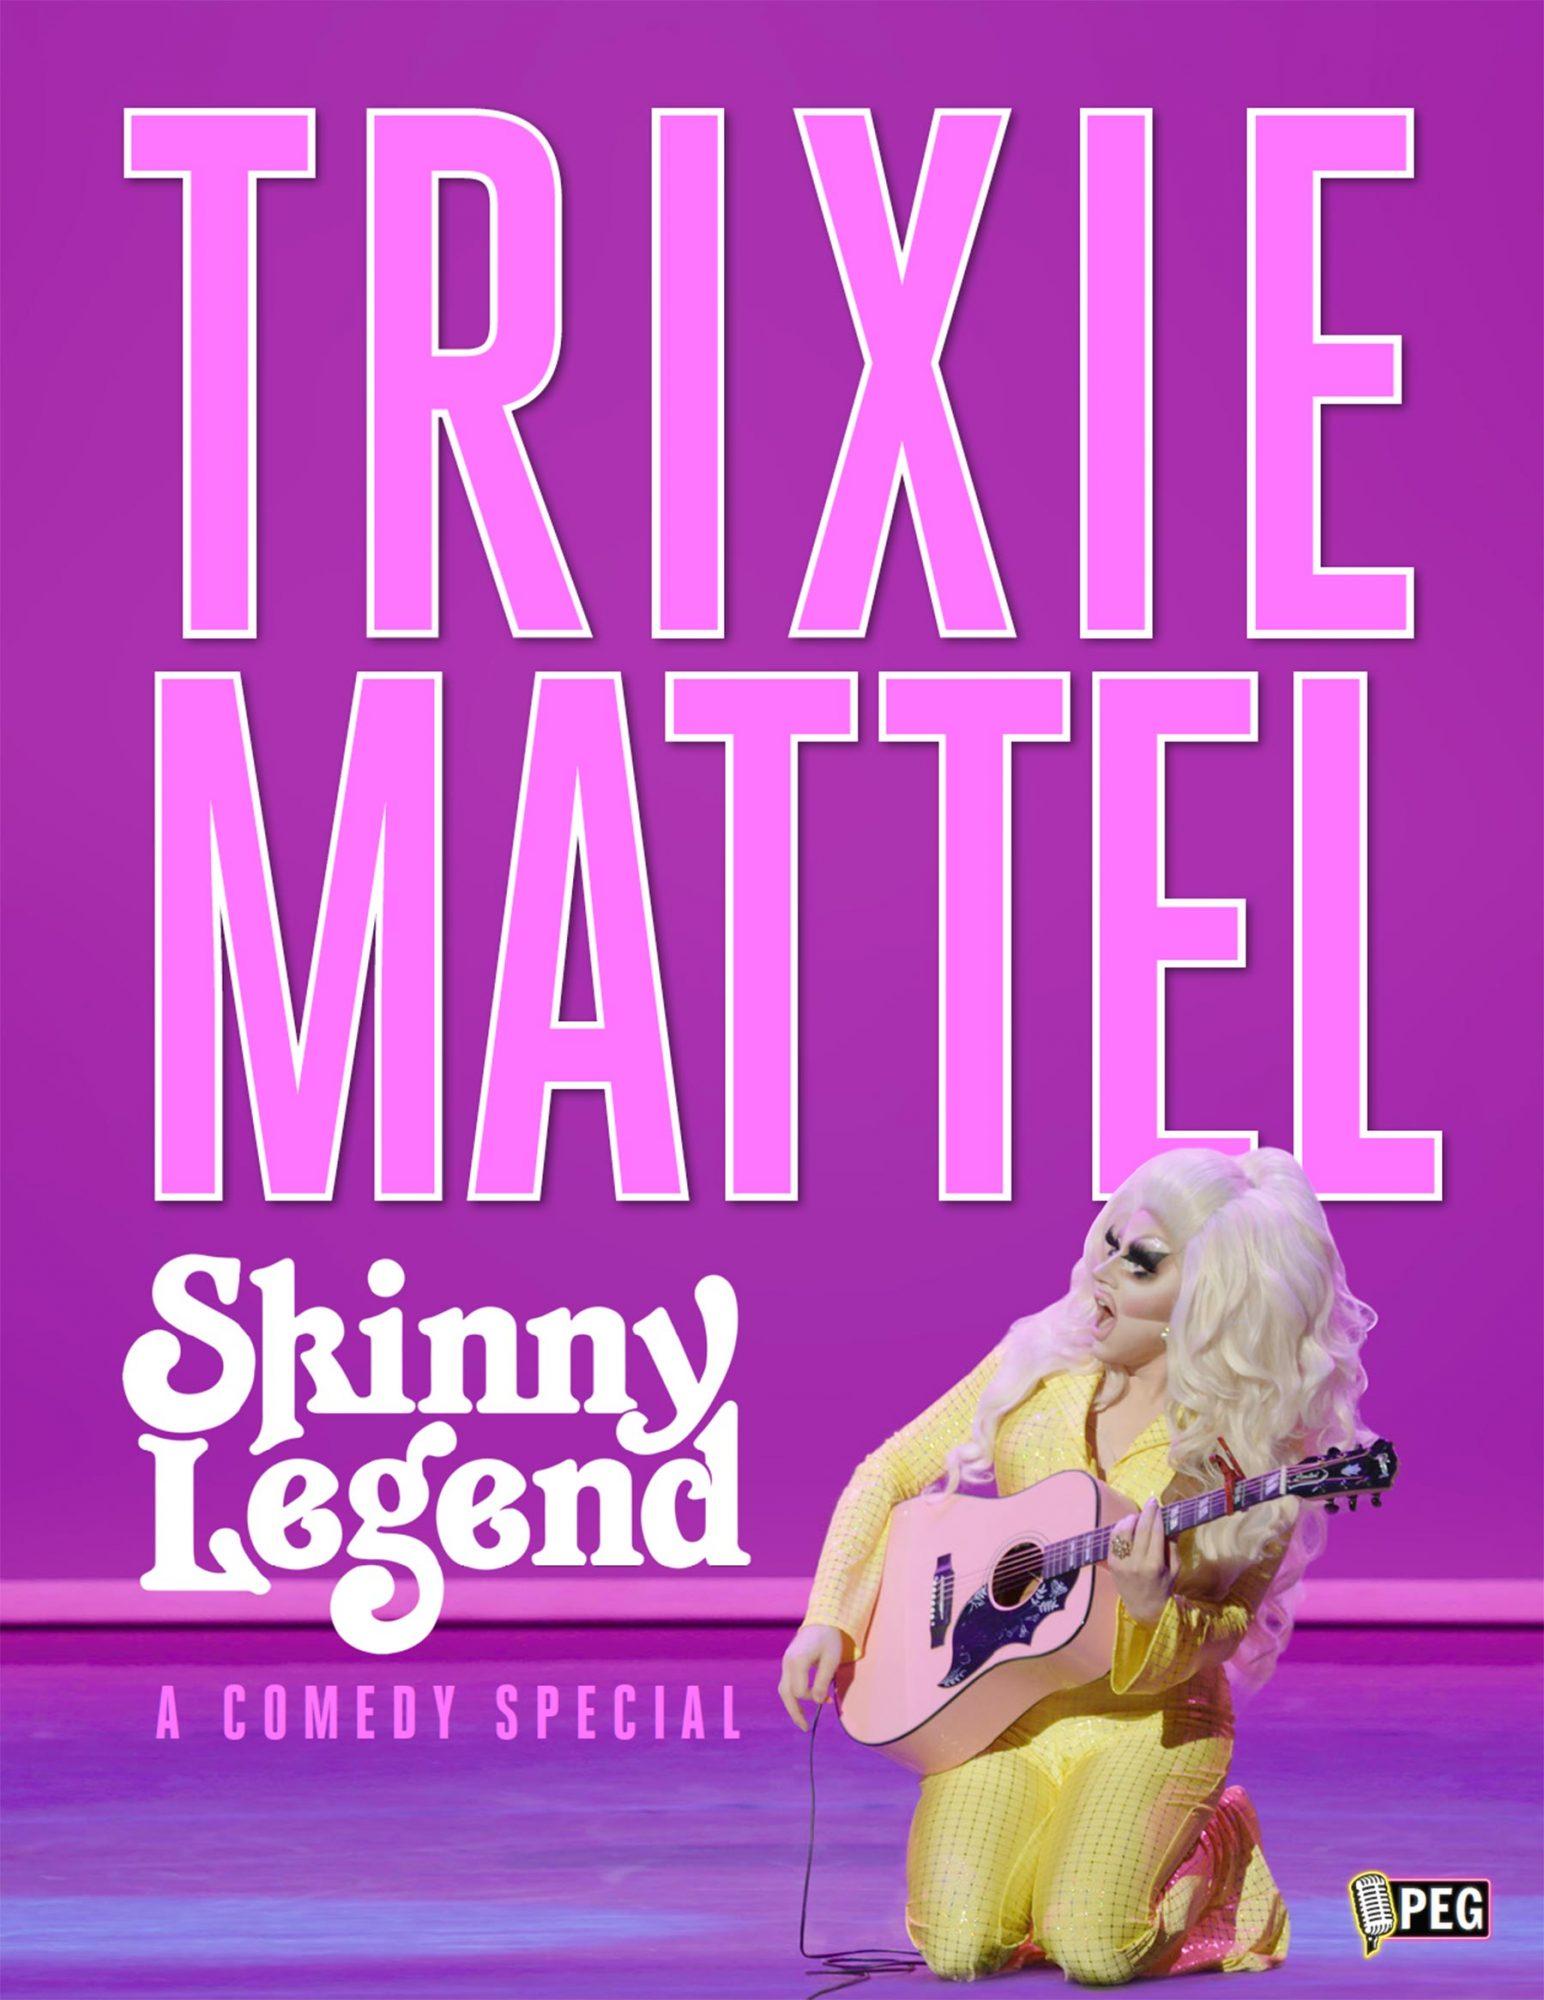 Trixie Mattel Skinny Legend